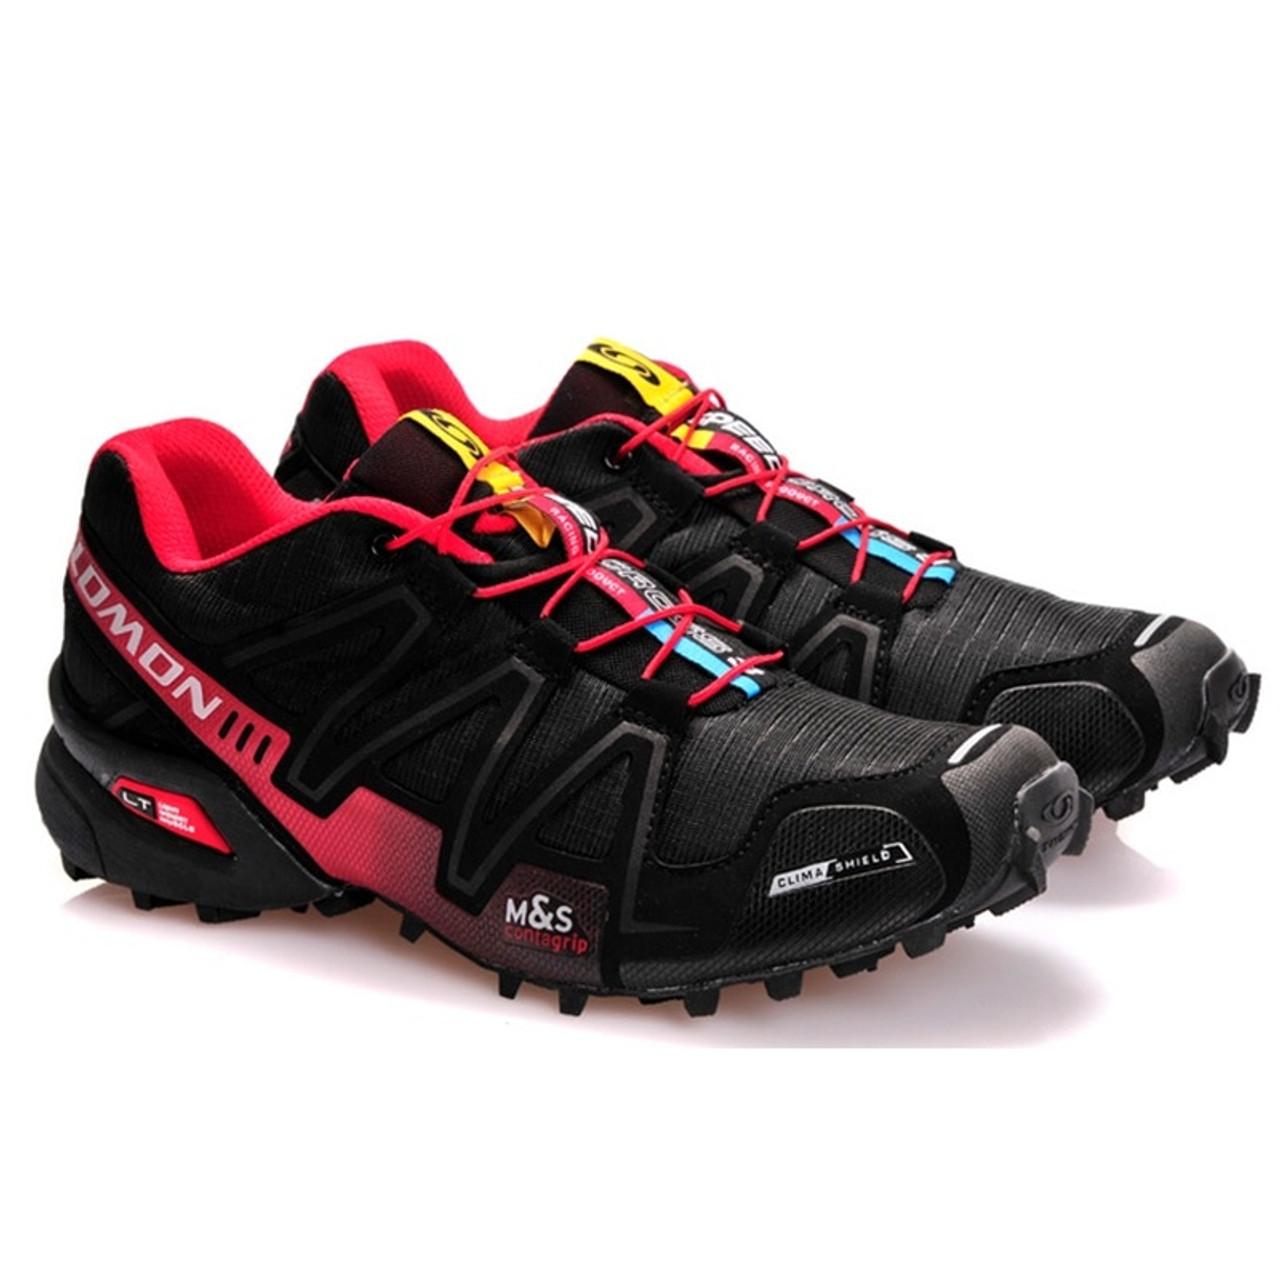 9bb6ba0ebfd1 ... Salomon Speed Cross 3 CS III Men running shoes Brand Sneakers Male Athletic  Sport Sneakers zapatillas ...